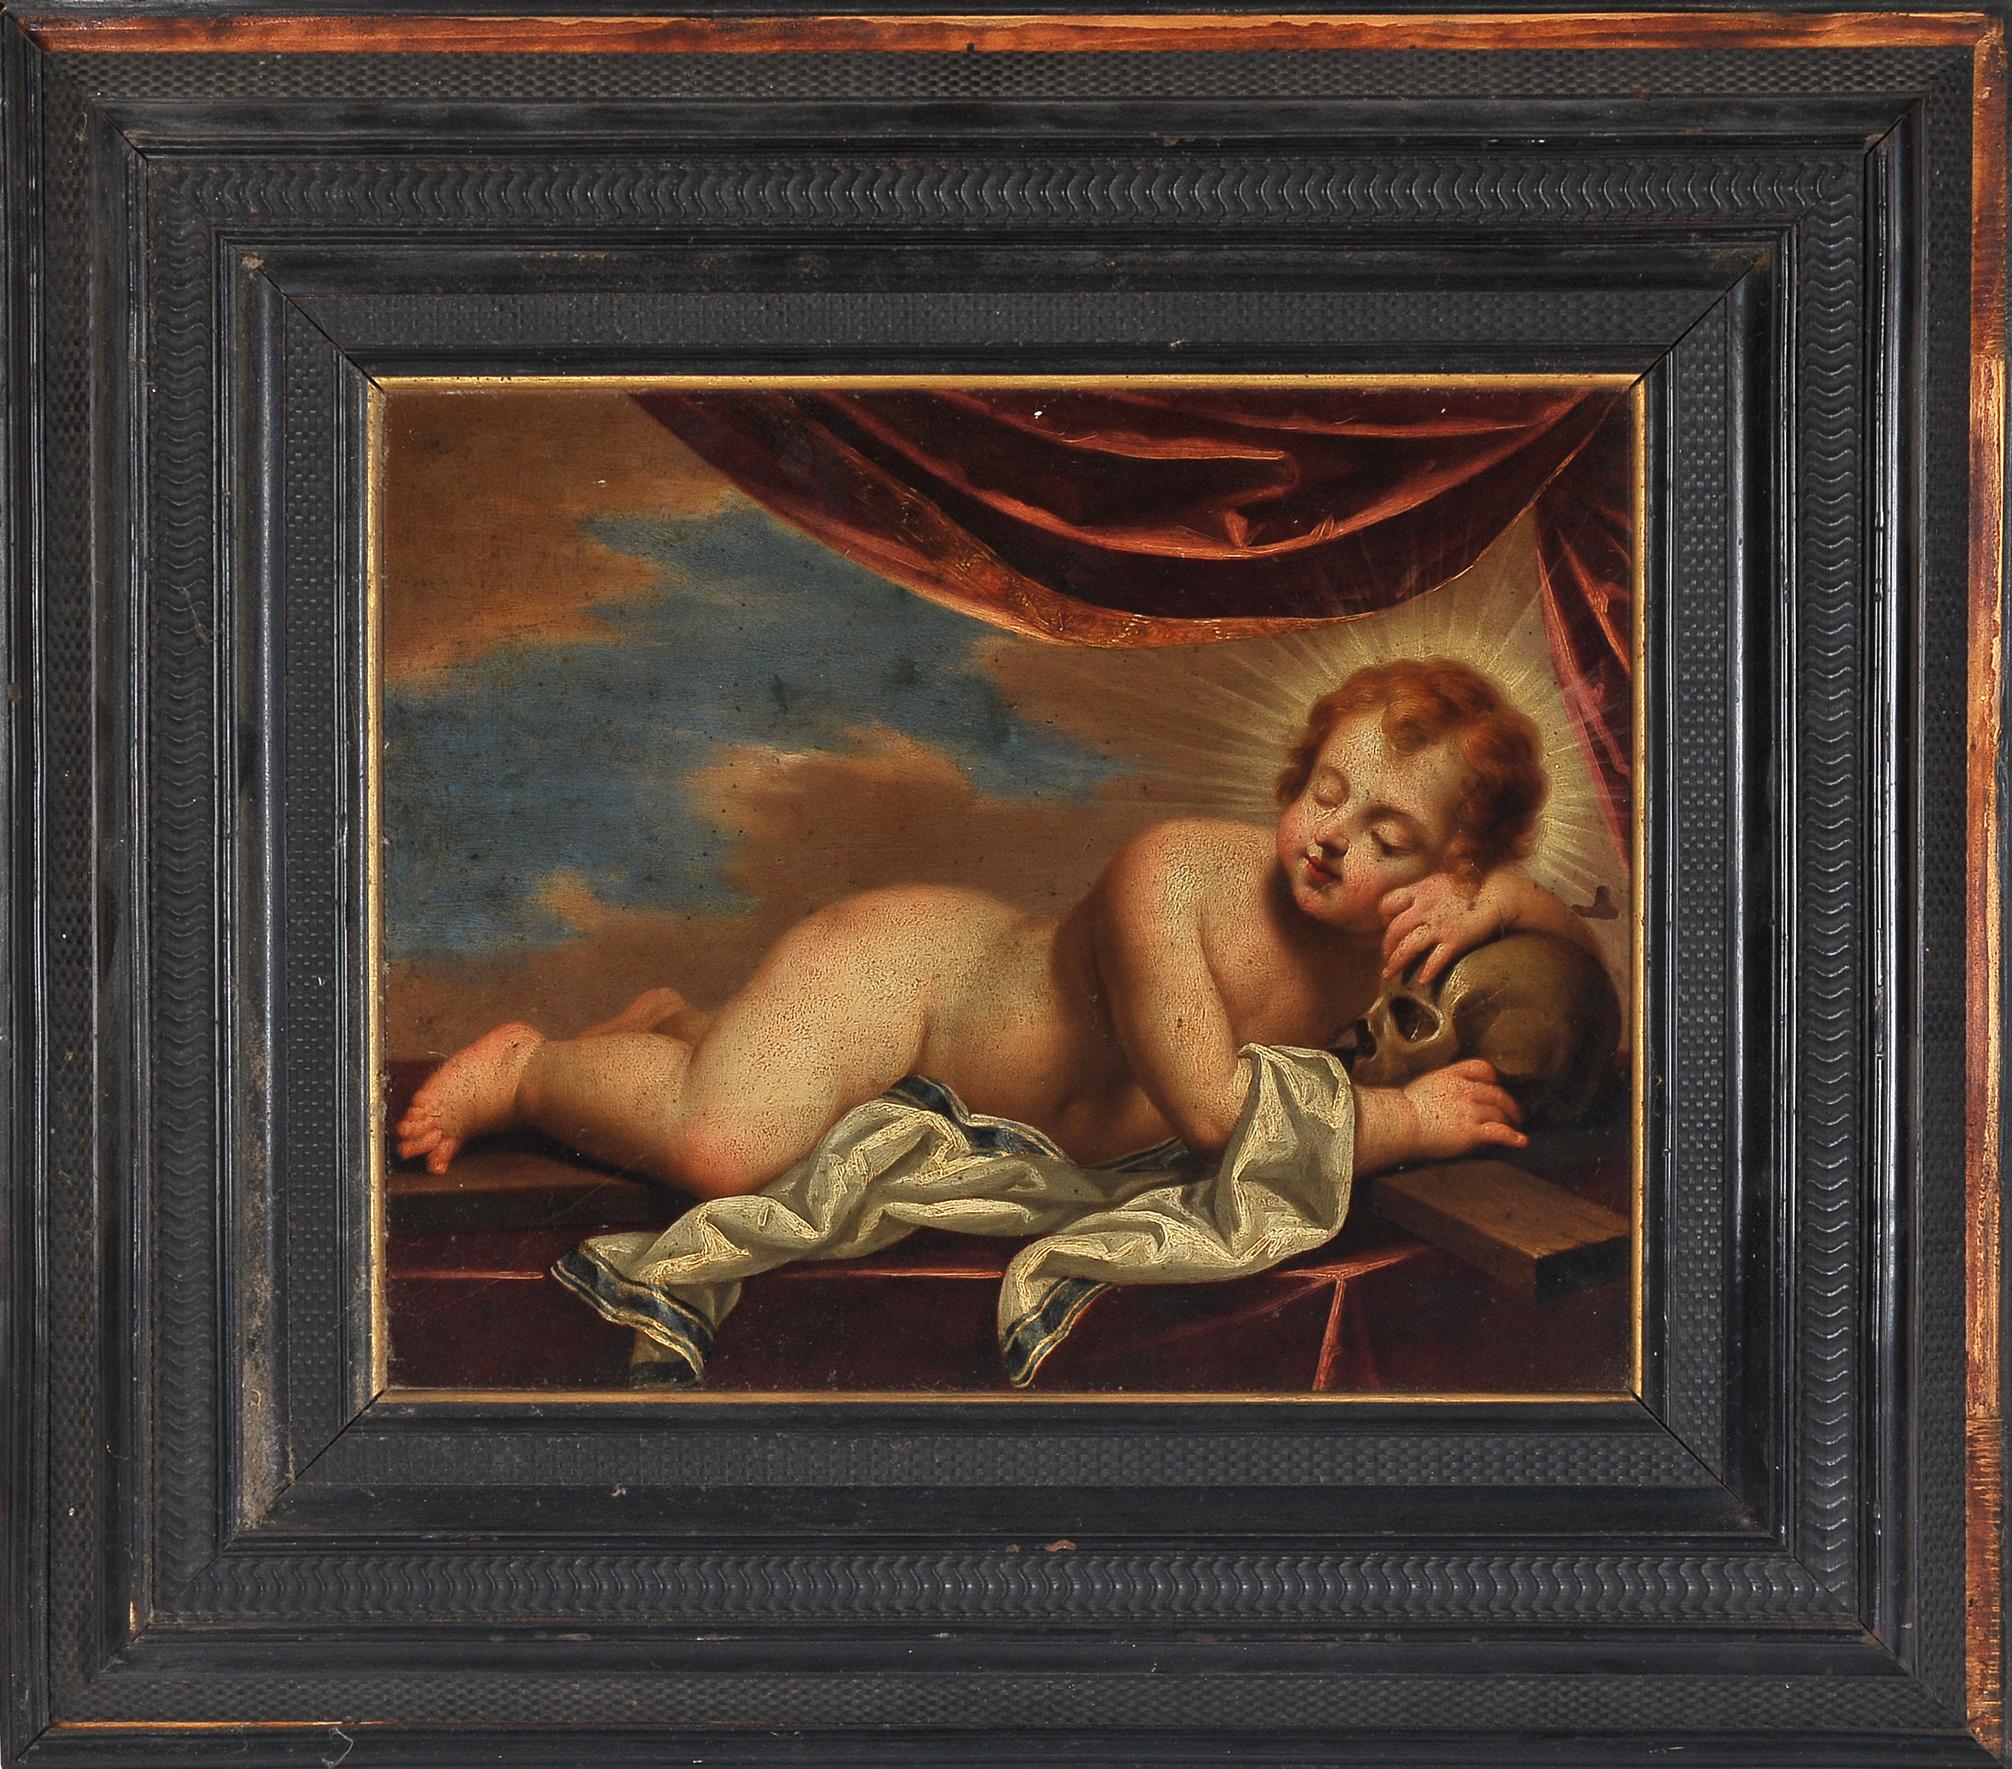 Memento Mori, Gemälde, 17./18. Jhdt. - Image 2 of 6